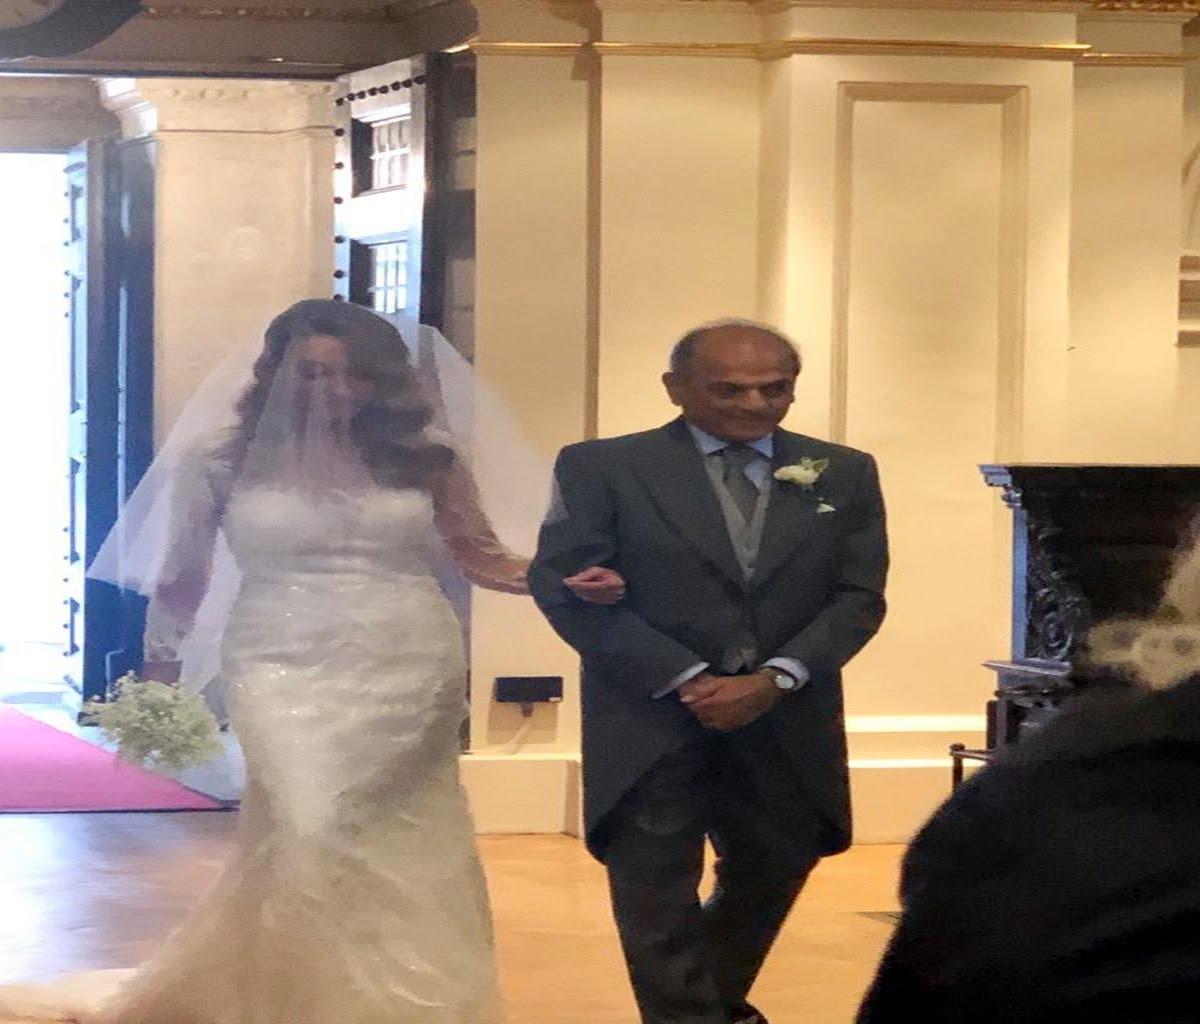 दोस्त कैरोलिन के साथ शादी के बंधन में बंधे हरीश साल्वे.